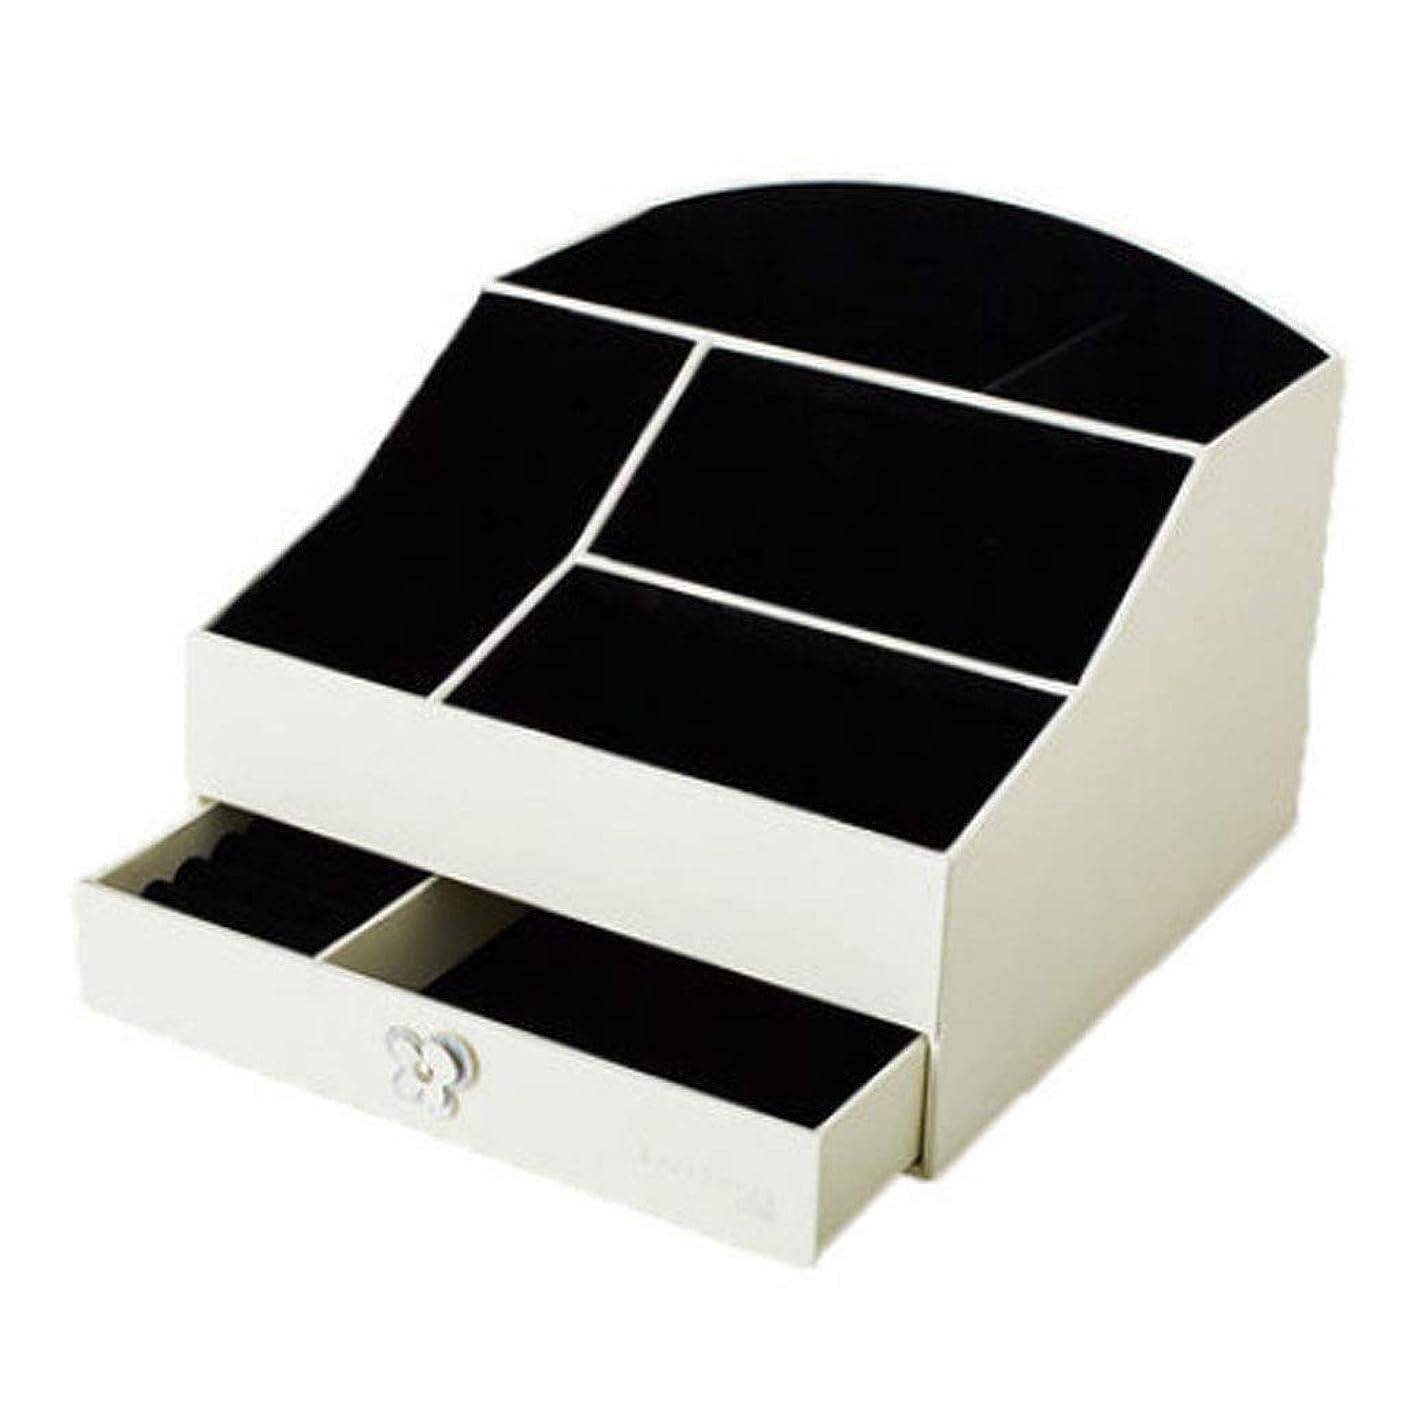 十分ではないホラー確かな化粧品ケース女の子のための最高の贈り物クリエイティブデスクトップ化粧品収納ボックスホワイトレザー収納化粧化粧箱引き出し付き (Color : WHITE, Size : 24.5X24.5X19CM)